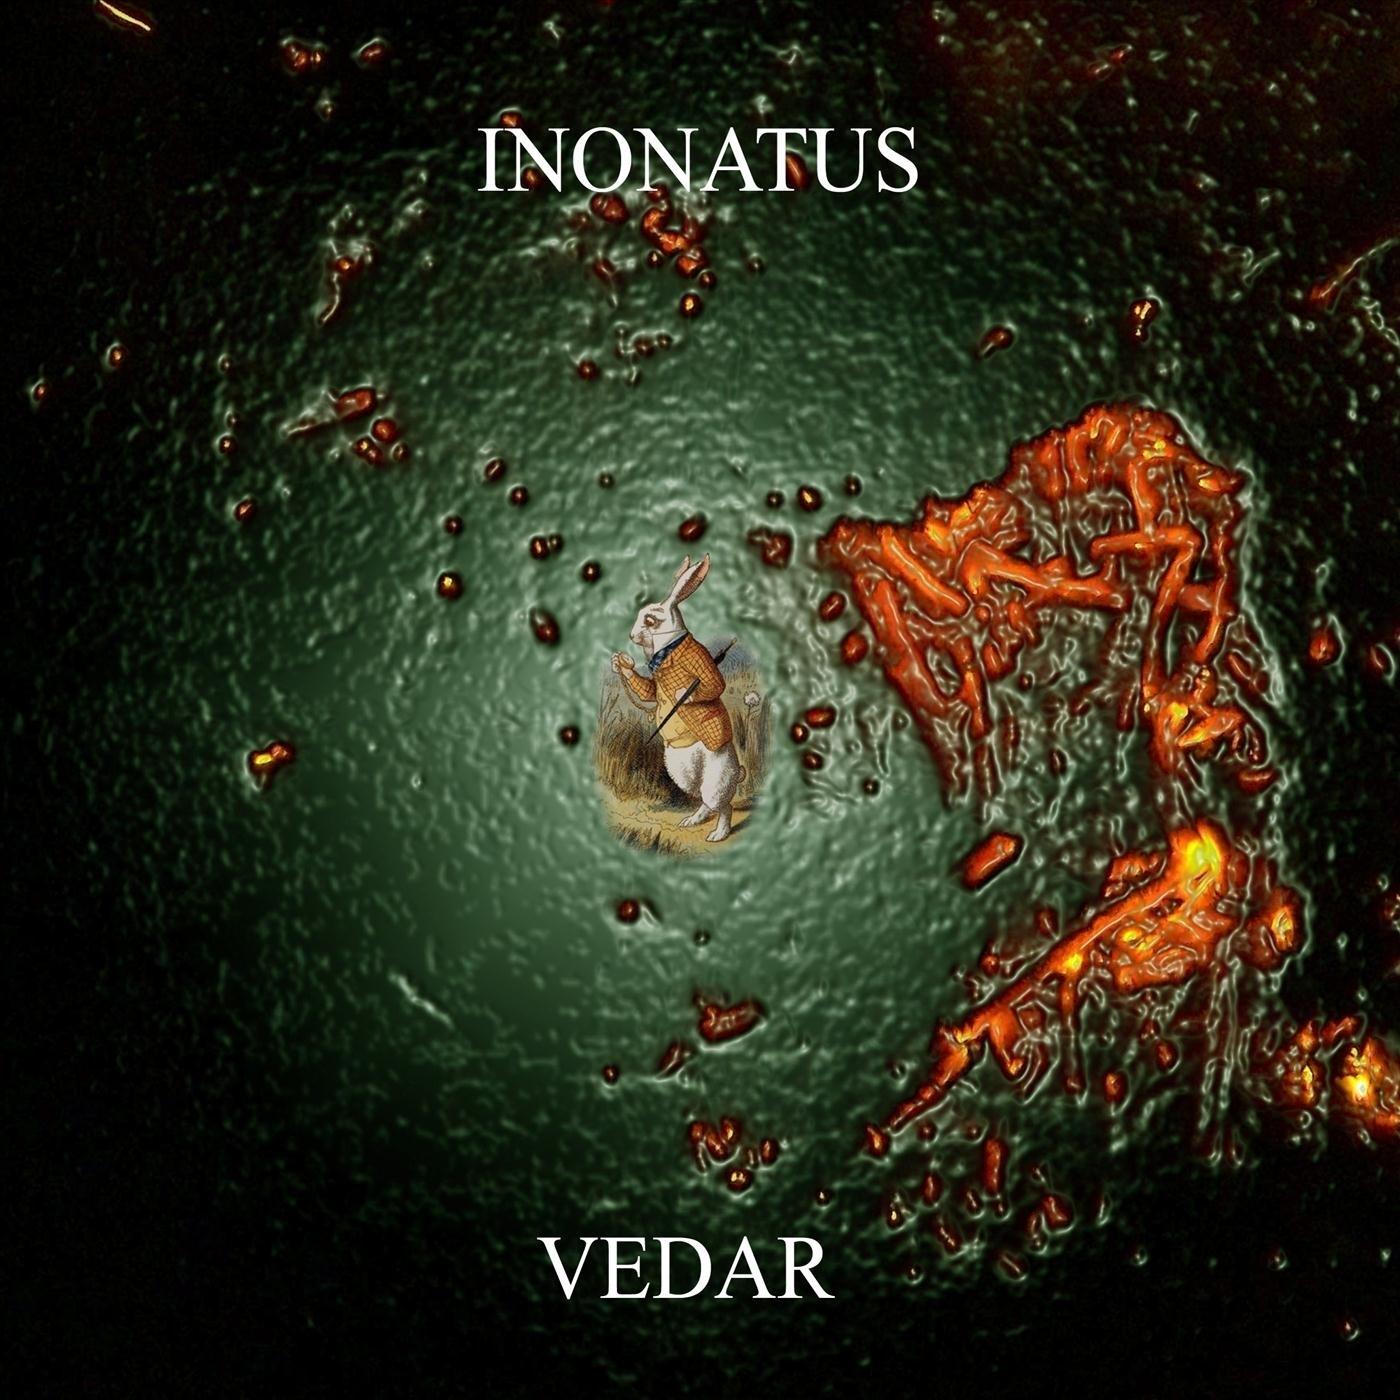 Vedar - Inonatus (2019)